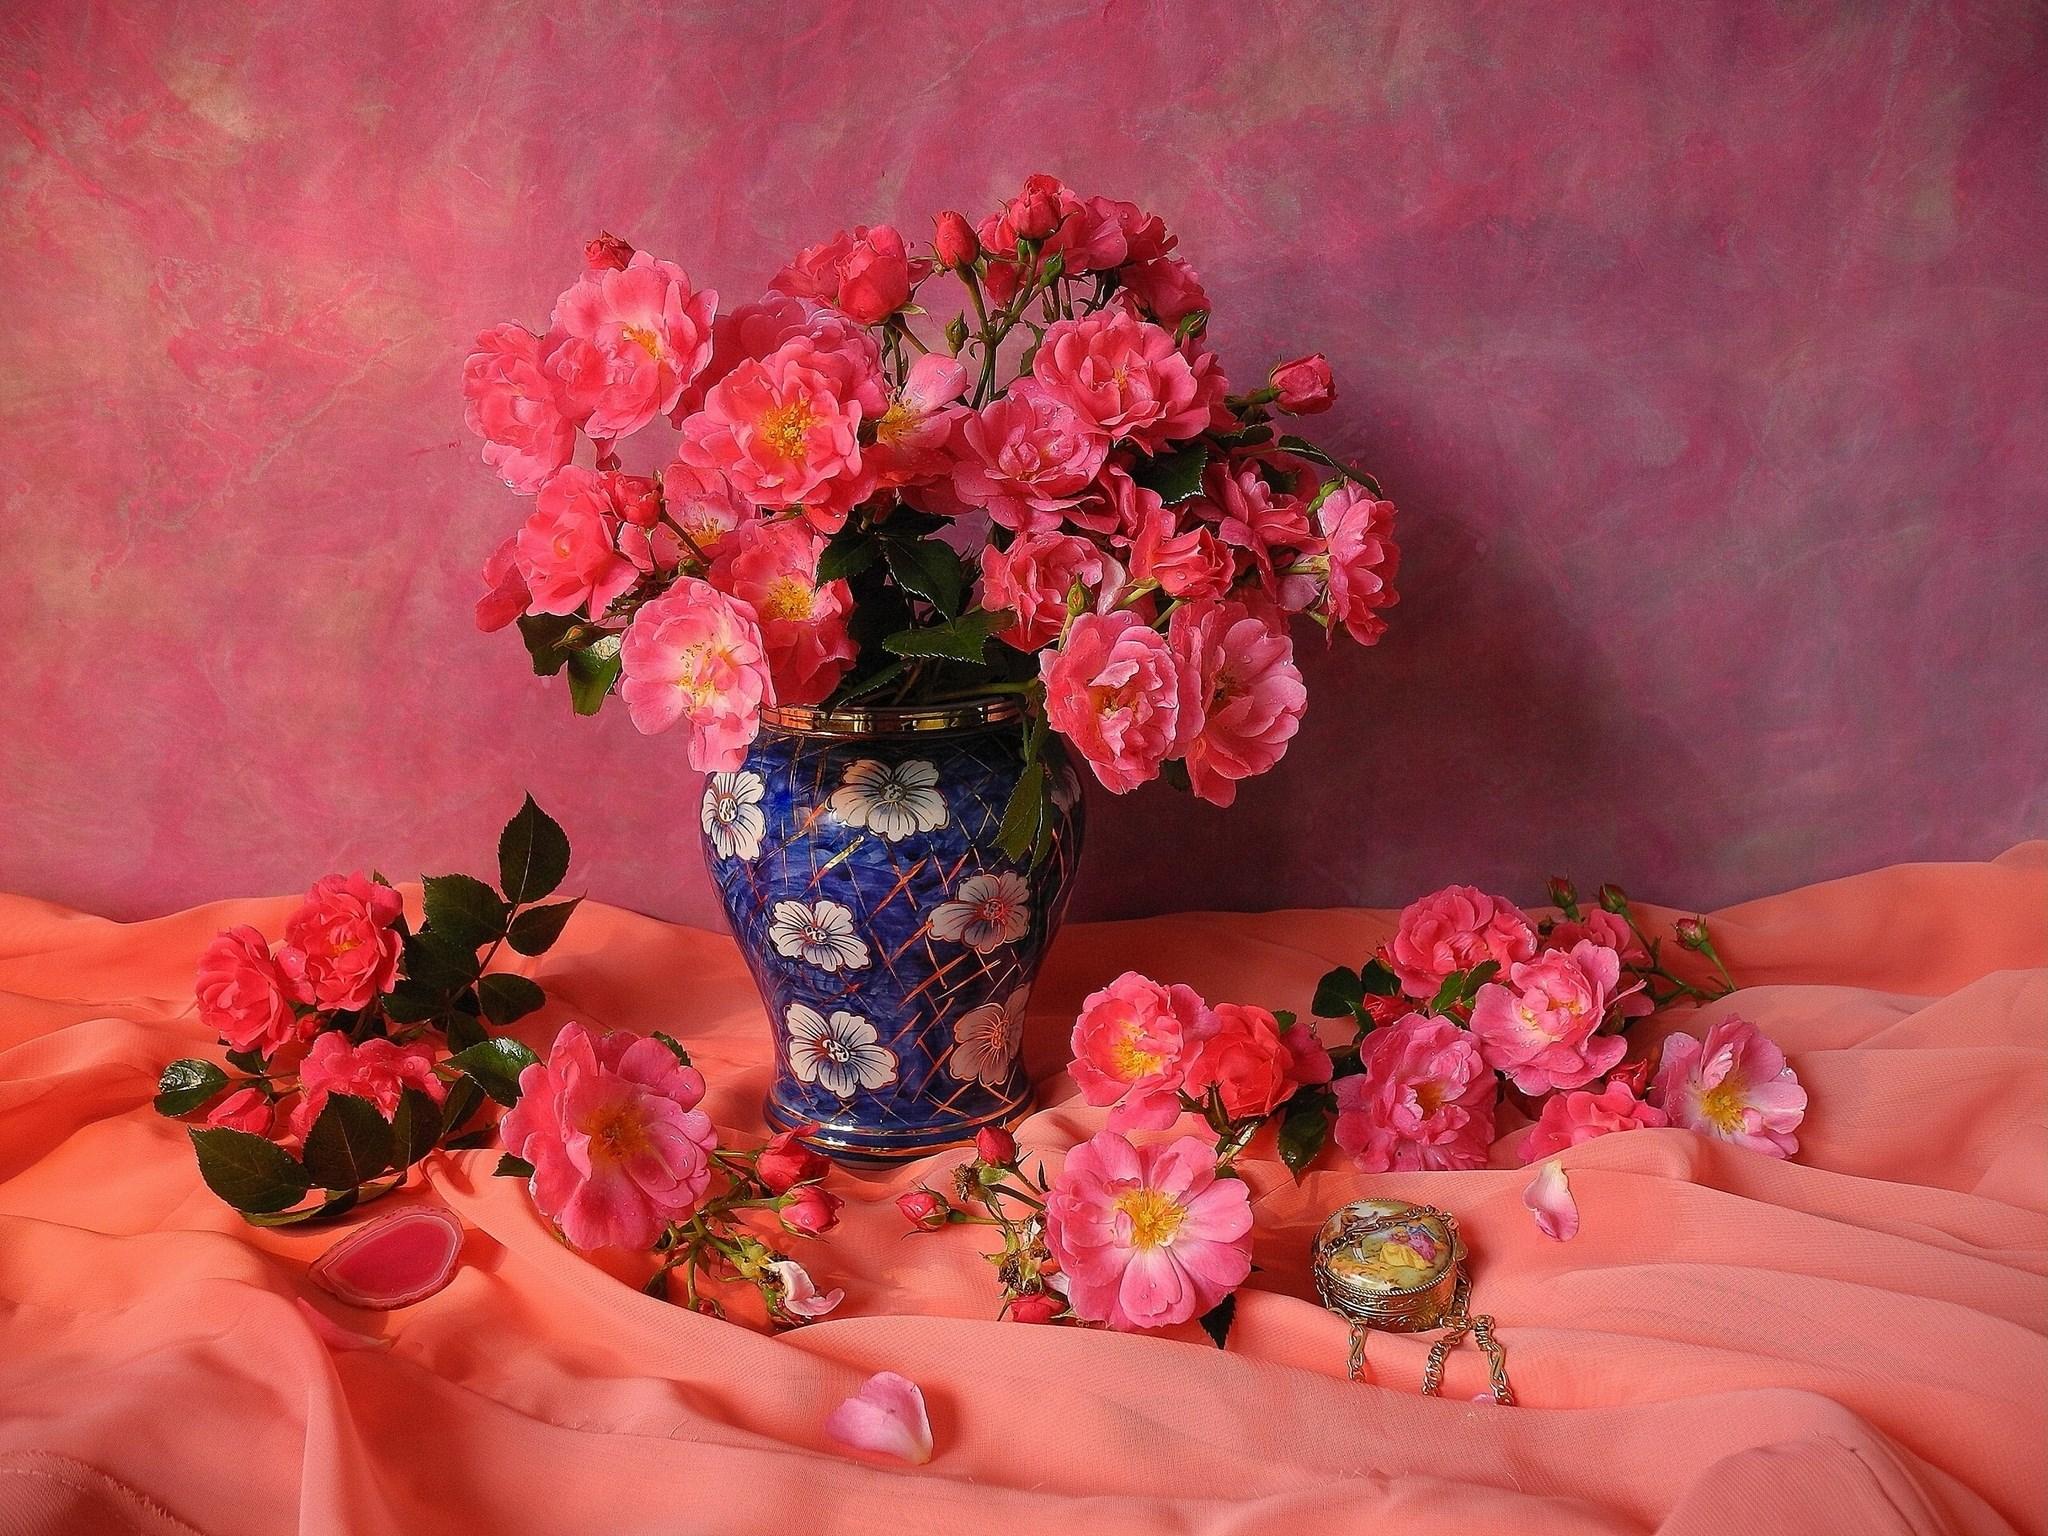 Roses Vase Pink Color Flowers Bouquet - [2048 x 1536]